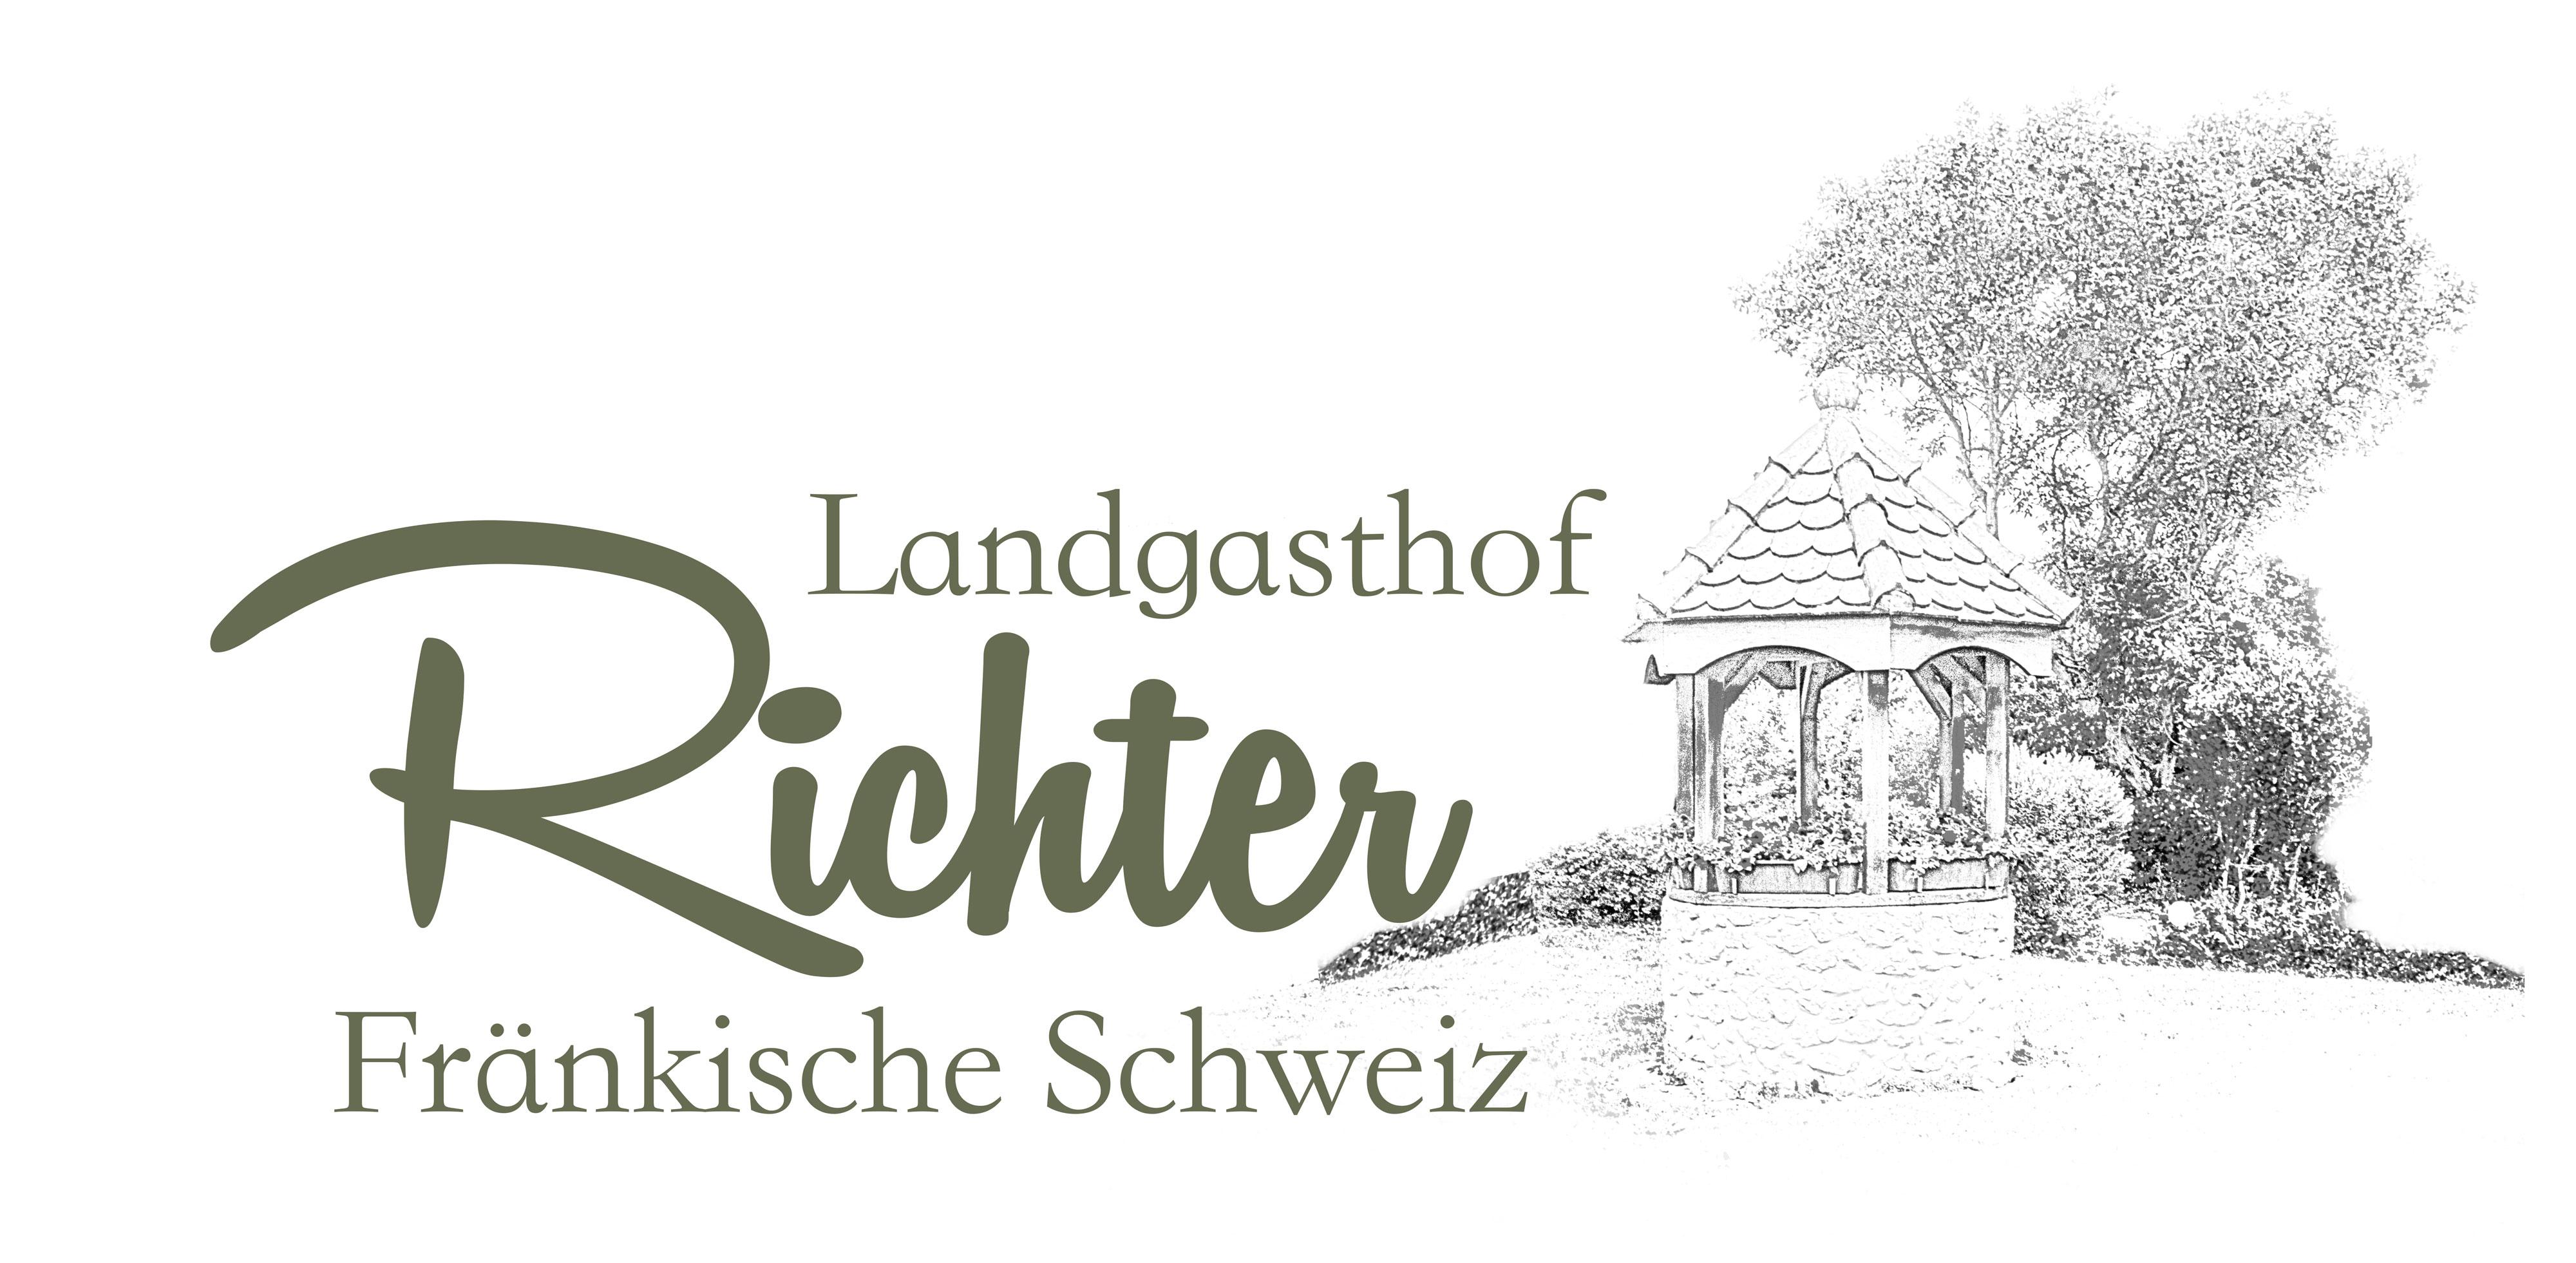 Willkommen - Landgasthof Richter in Leutzdorf bei Gößweinstein